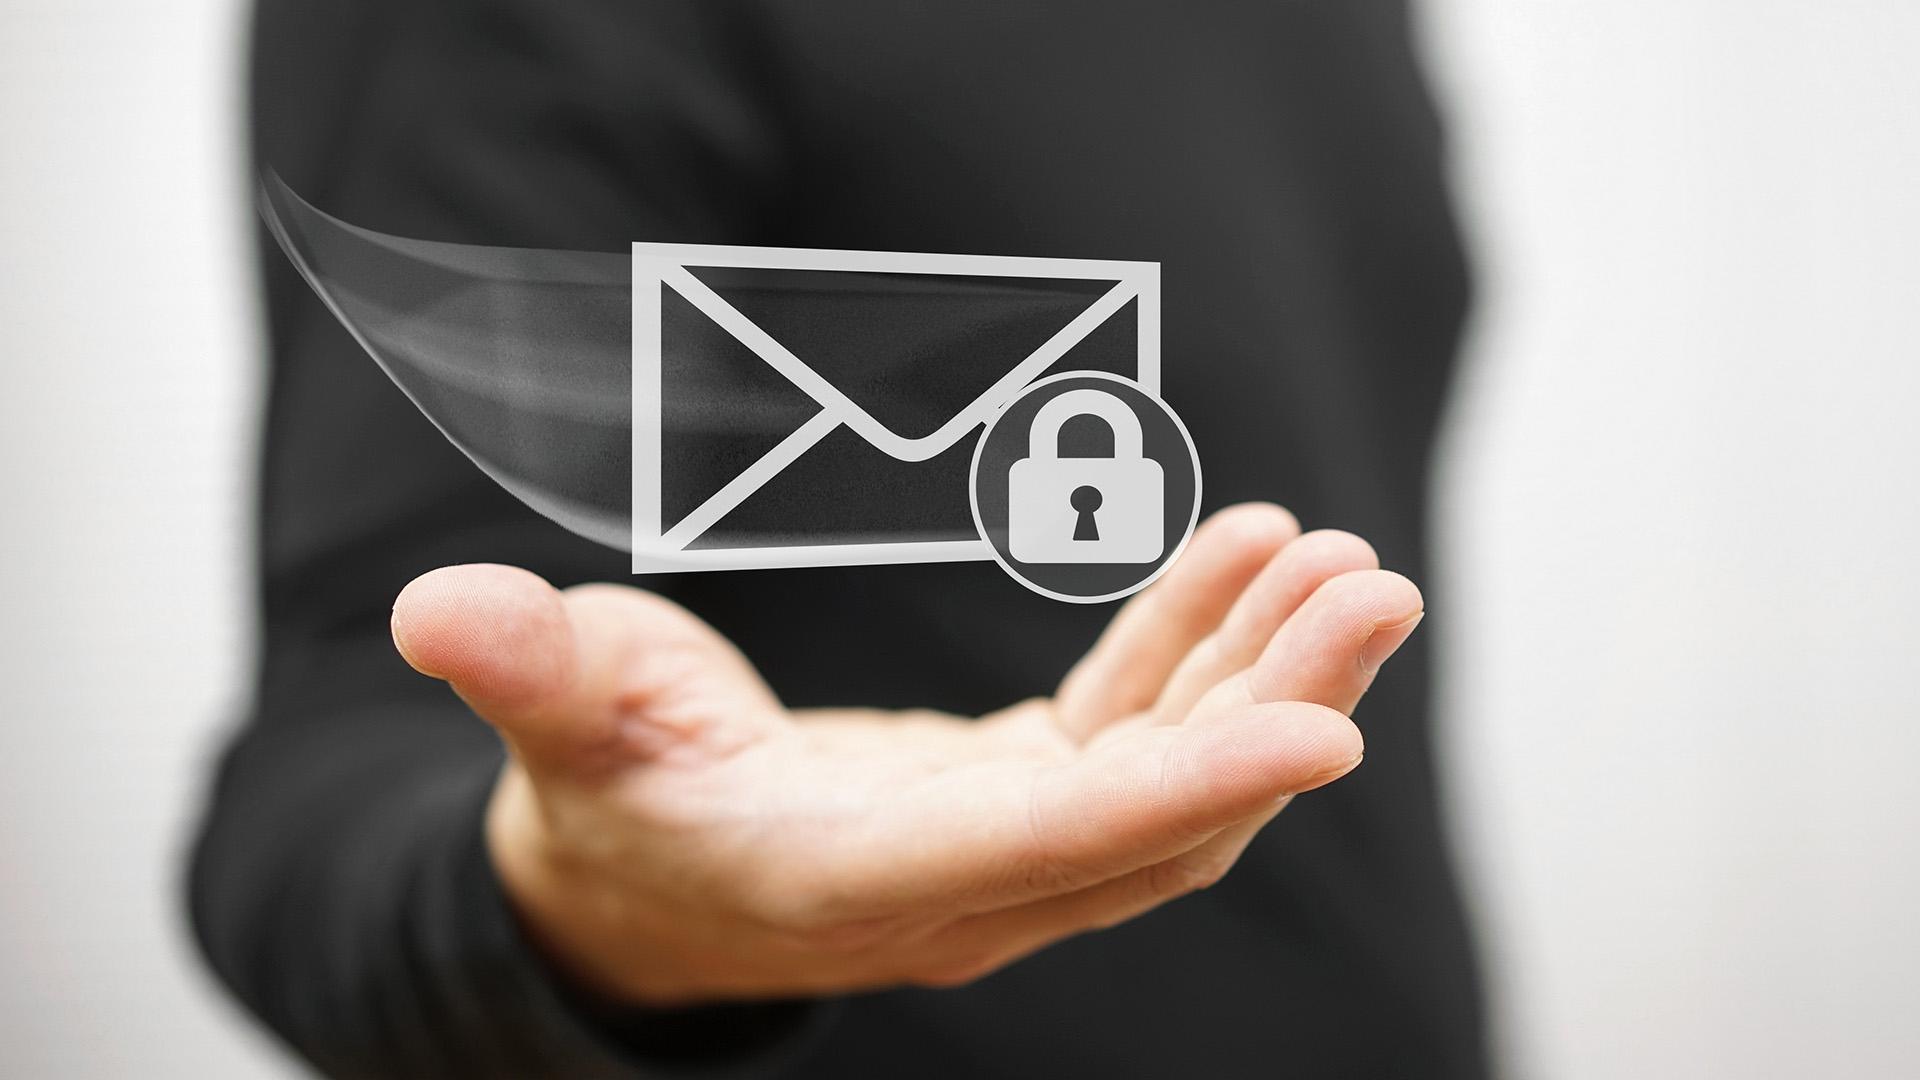 New Security System Organizes Bulk Emails Nebraska Today University Of Nebraska Lincoln